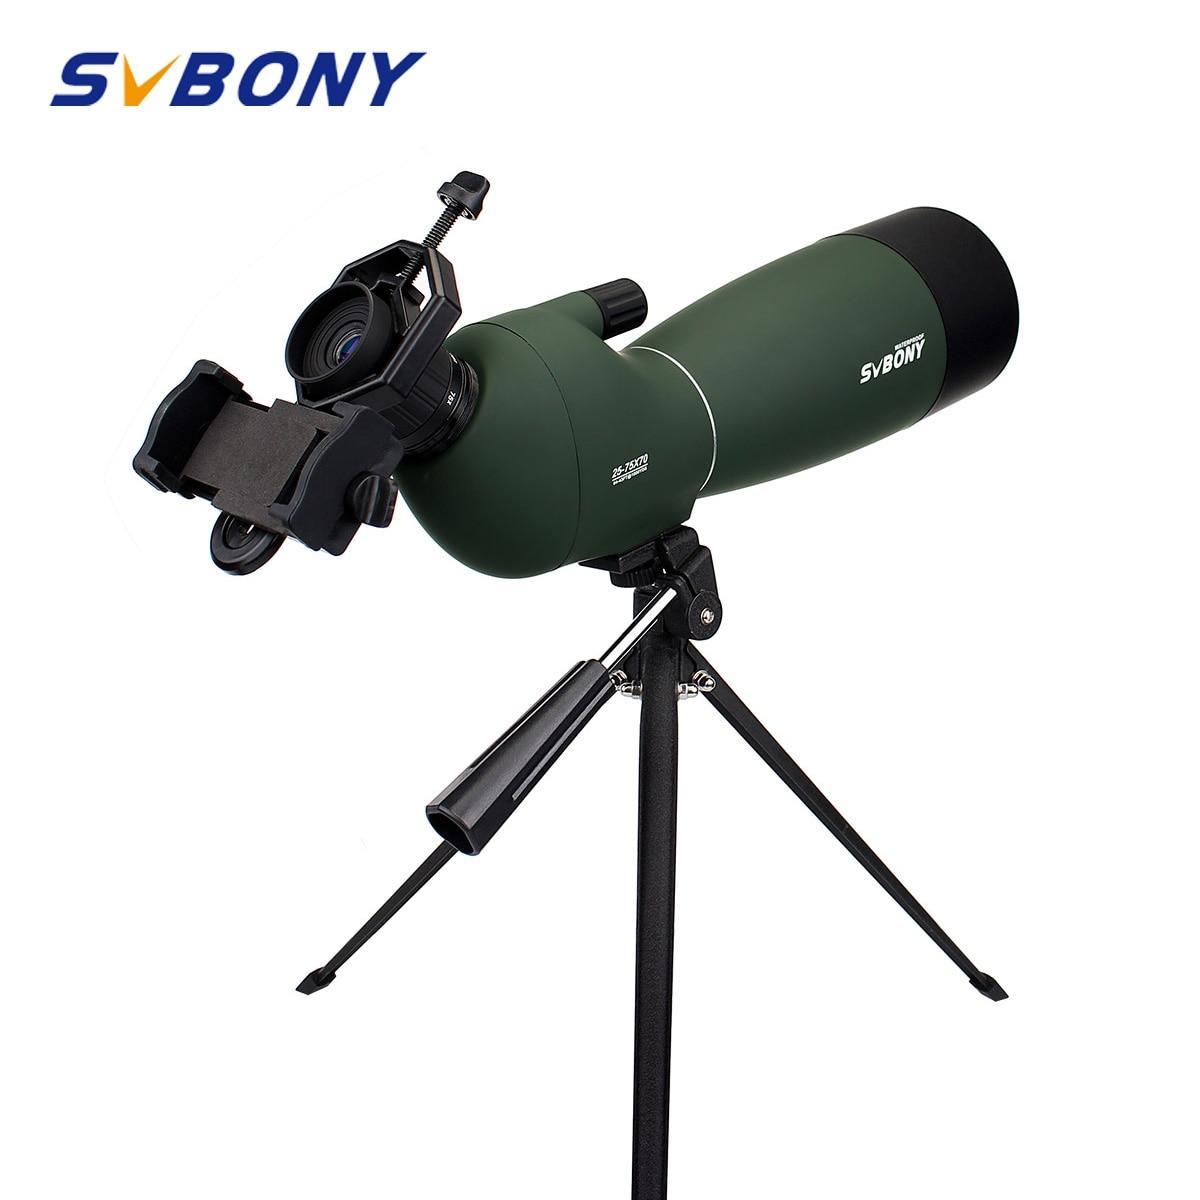 Svbony sv28 50/60/70mm 스포팅 스코프 줌 망원경 방수 버드 워치 사냥 단안 및 범용 전화 어댑터 mountf9308 사냥, 촬영, 양궁, 조류 관찰, 천문학을위한 야외 광학